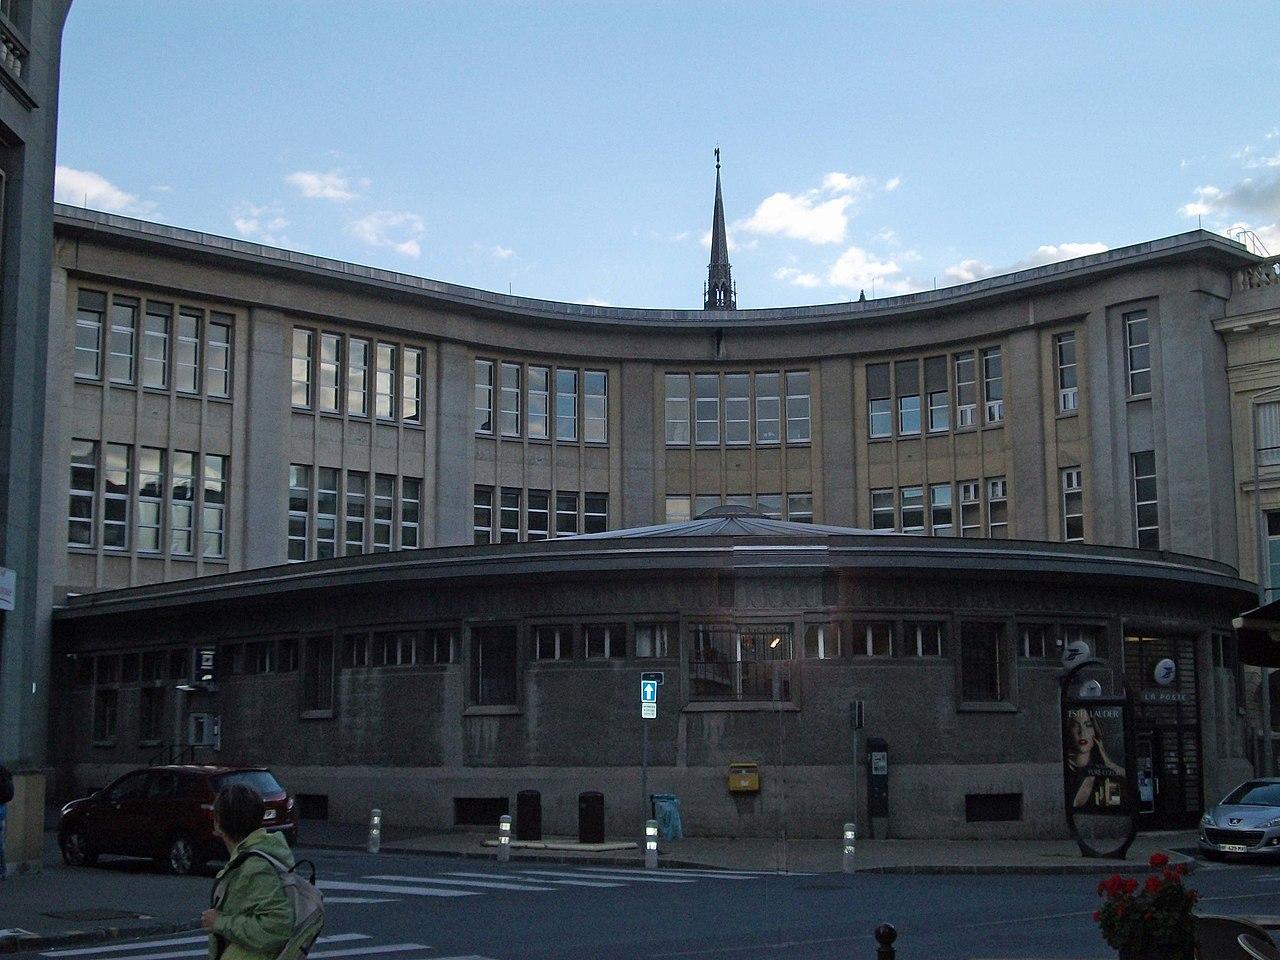 Hôtel des postes de Reims